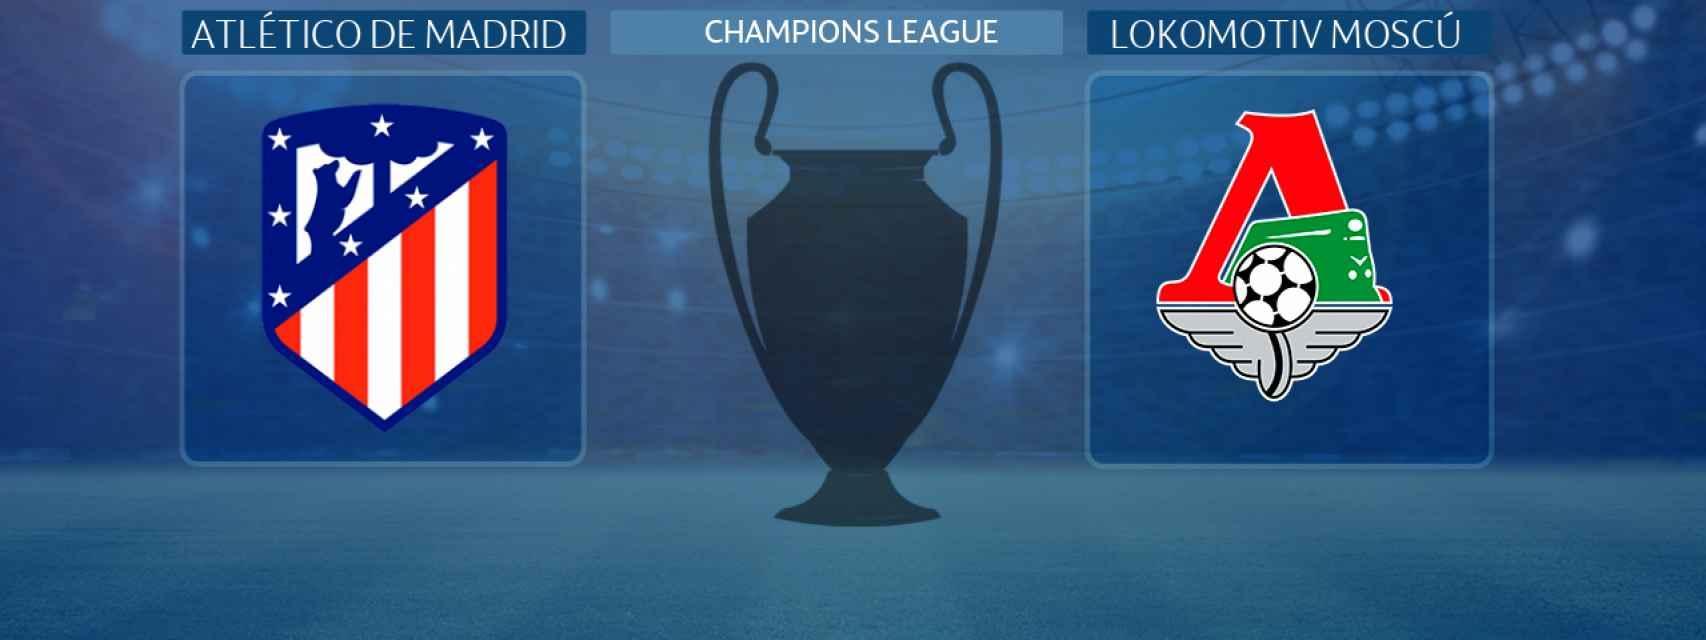 Atlético de Madrid - Lokomotiv Moscú, partido de la Champions League